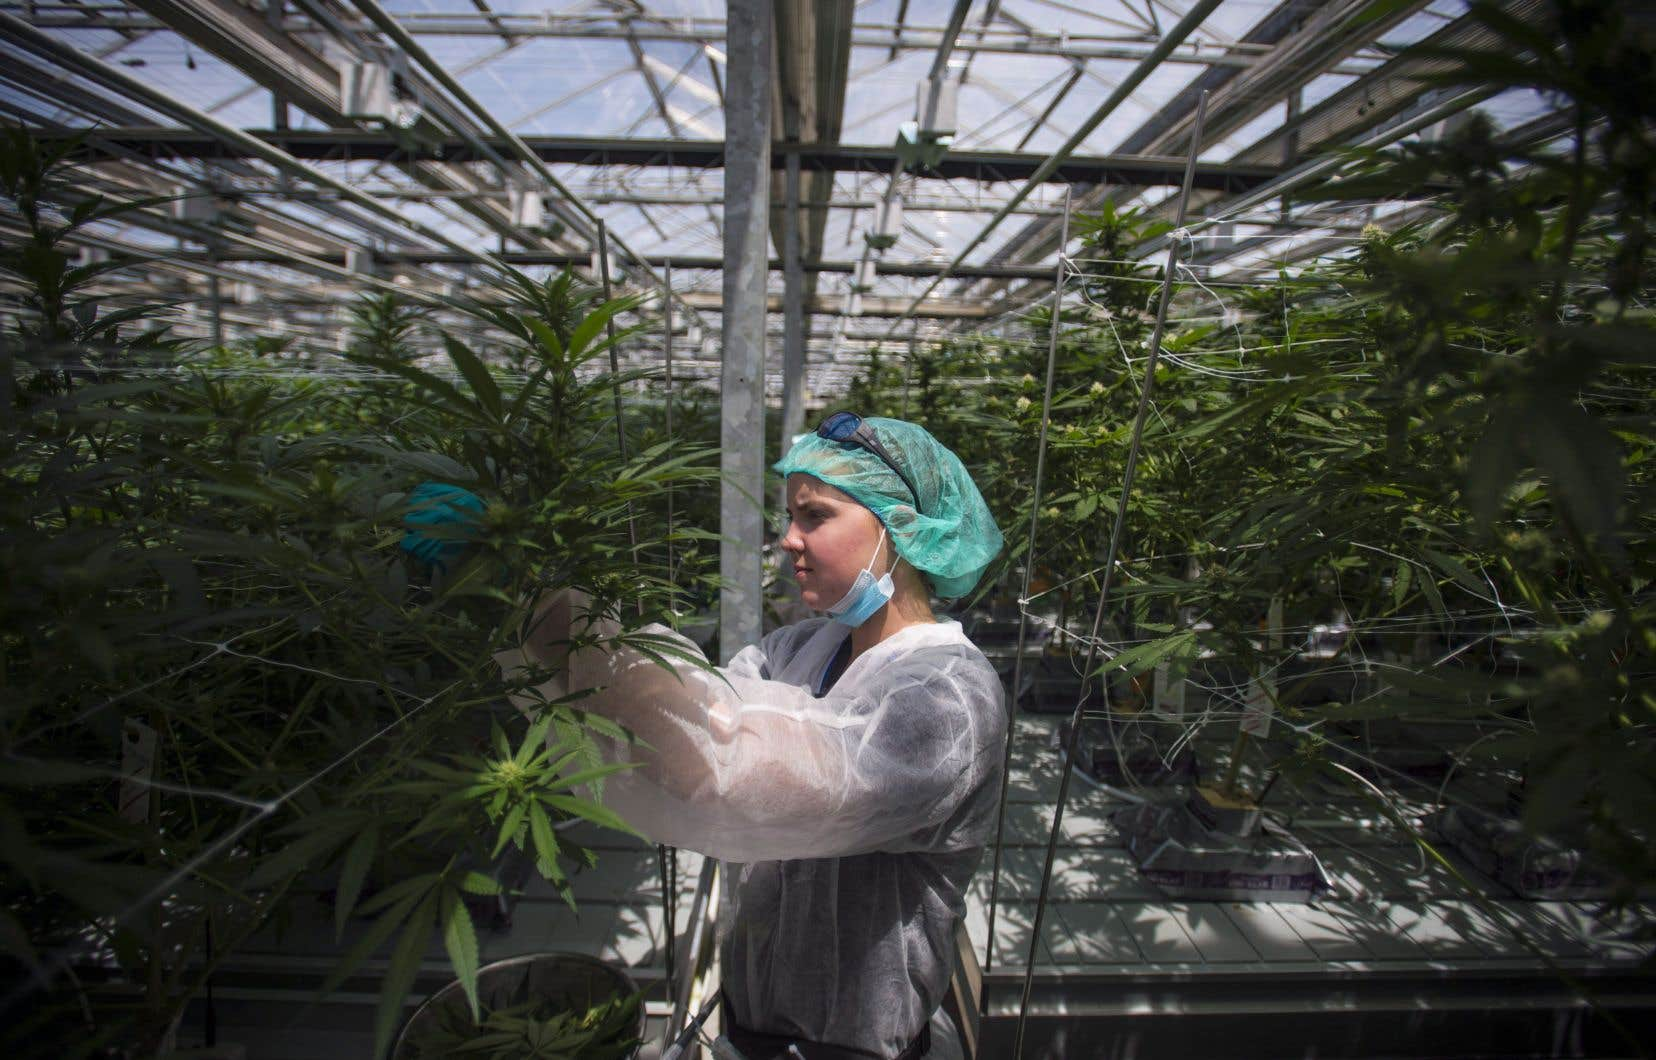 CannTrust avait déjà volontairement cessé la vente et l'expédition de tous les produits à base de cannabis en provenance de ses installations pendant que Santé Canada examinait ses installations à Vaughan.